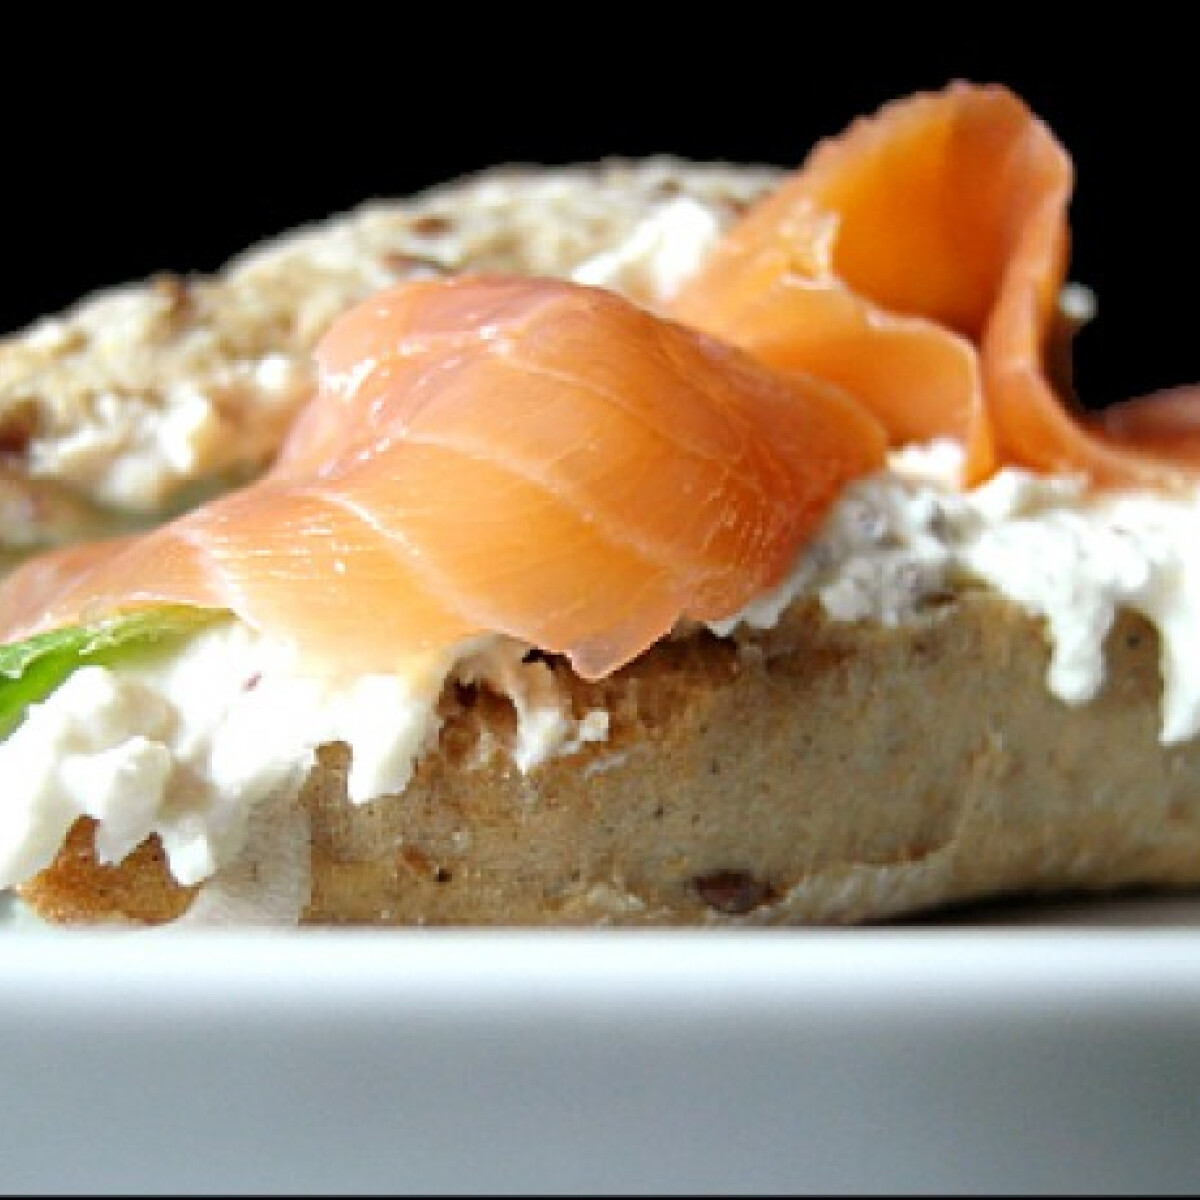 Ezen a képen: Lazac szendvics tormás túrókrémmel